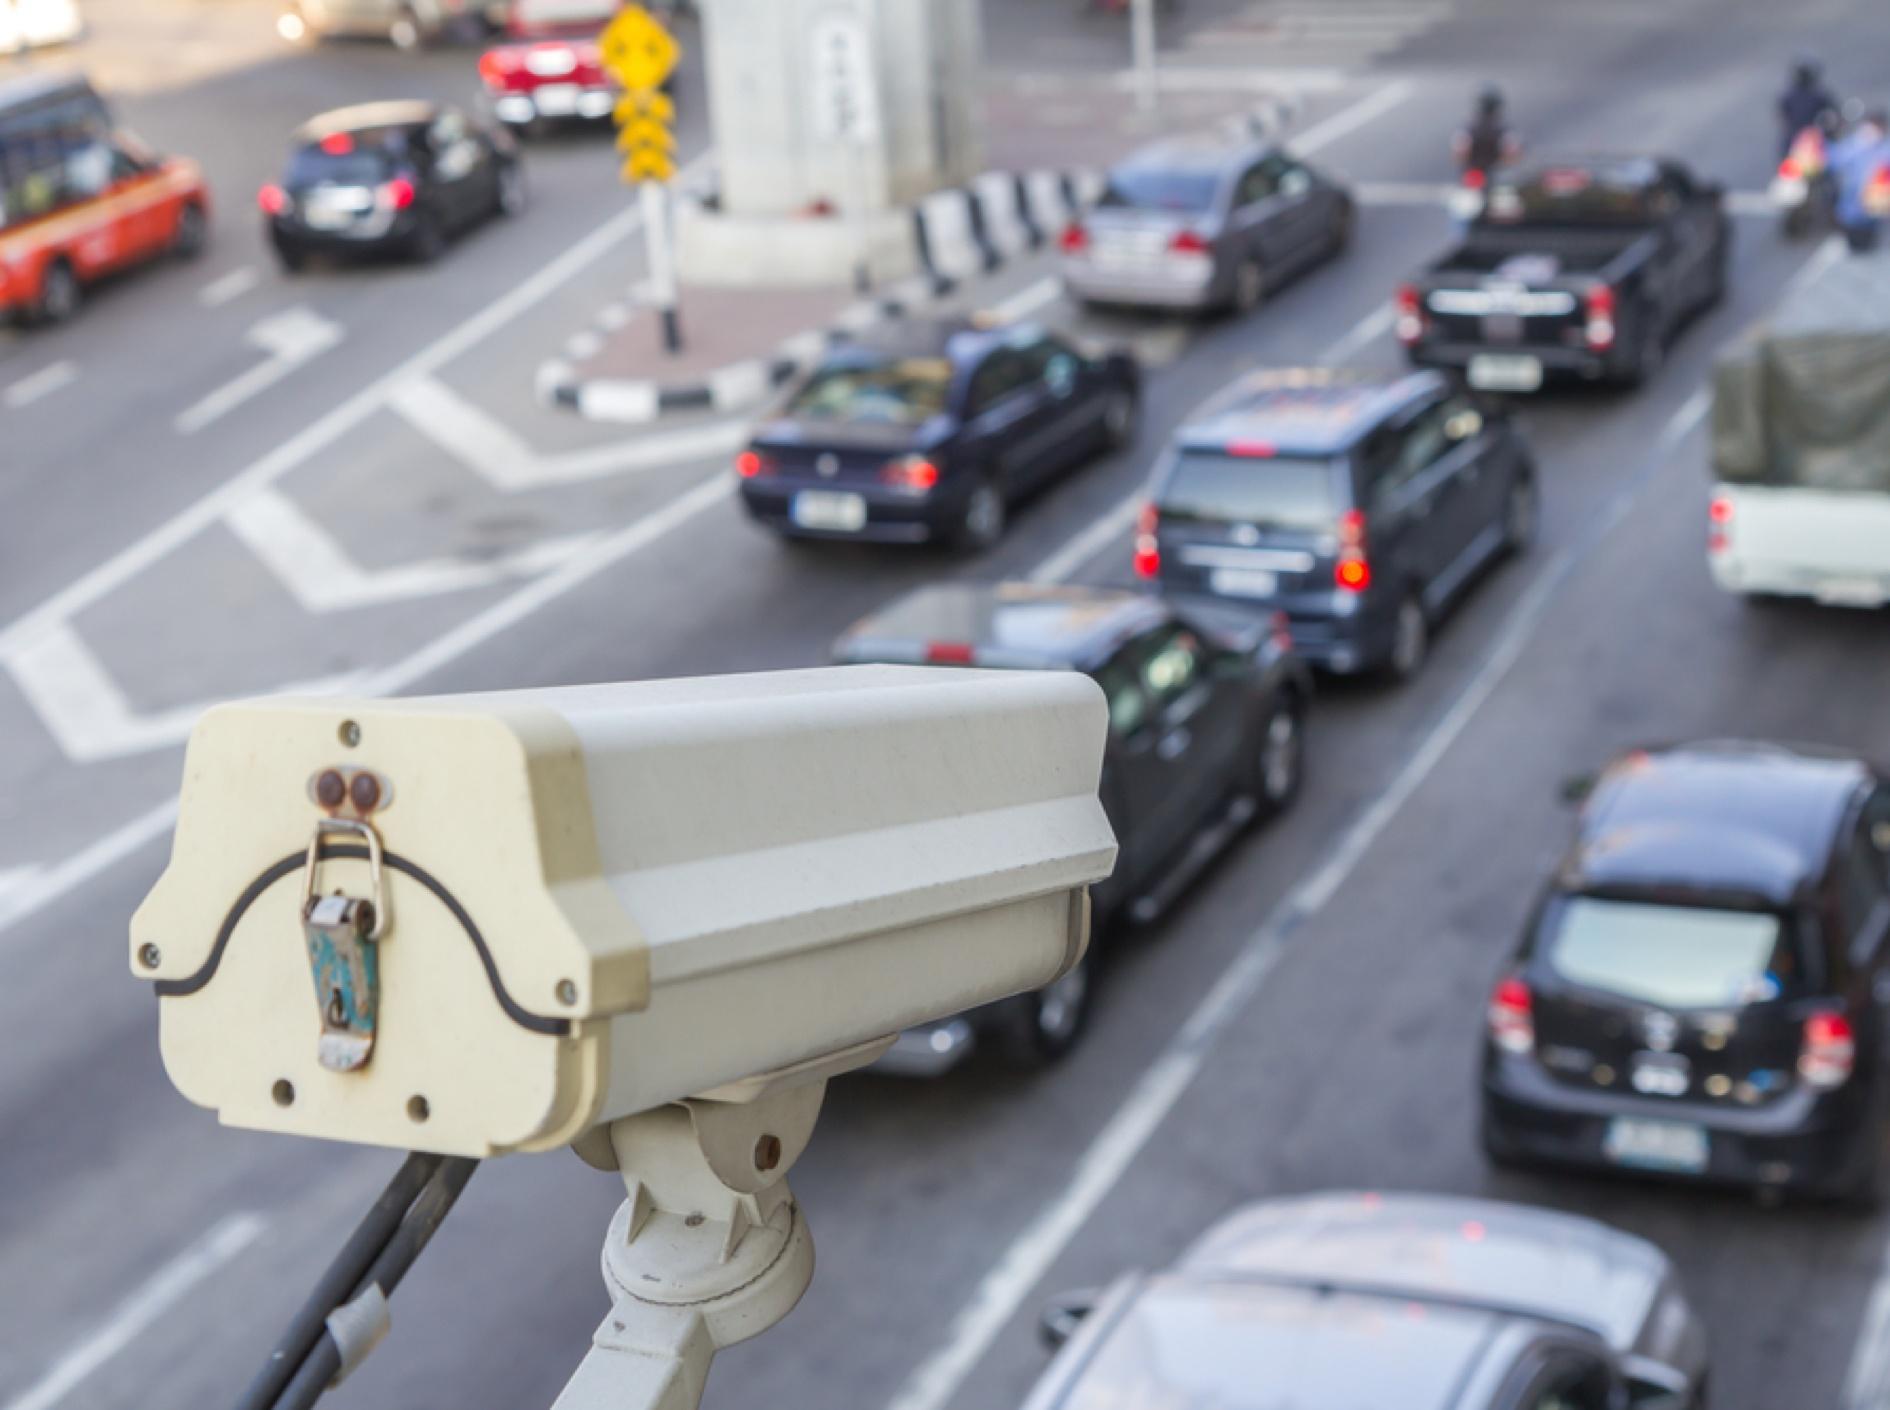 В Москве выписали первый штраф с камеры за передвижение без пропуска